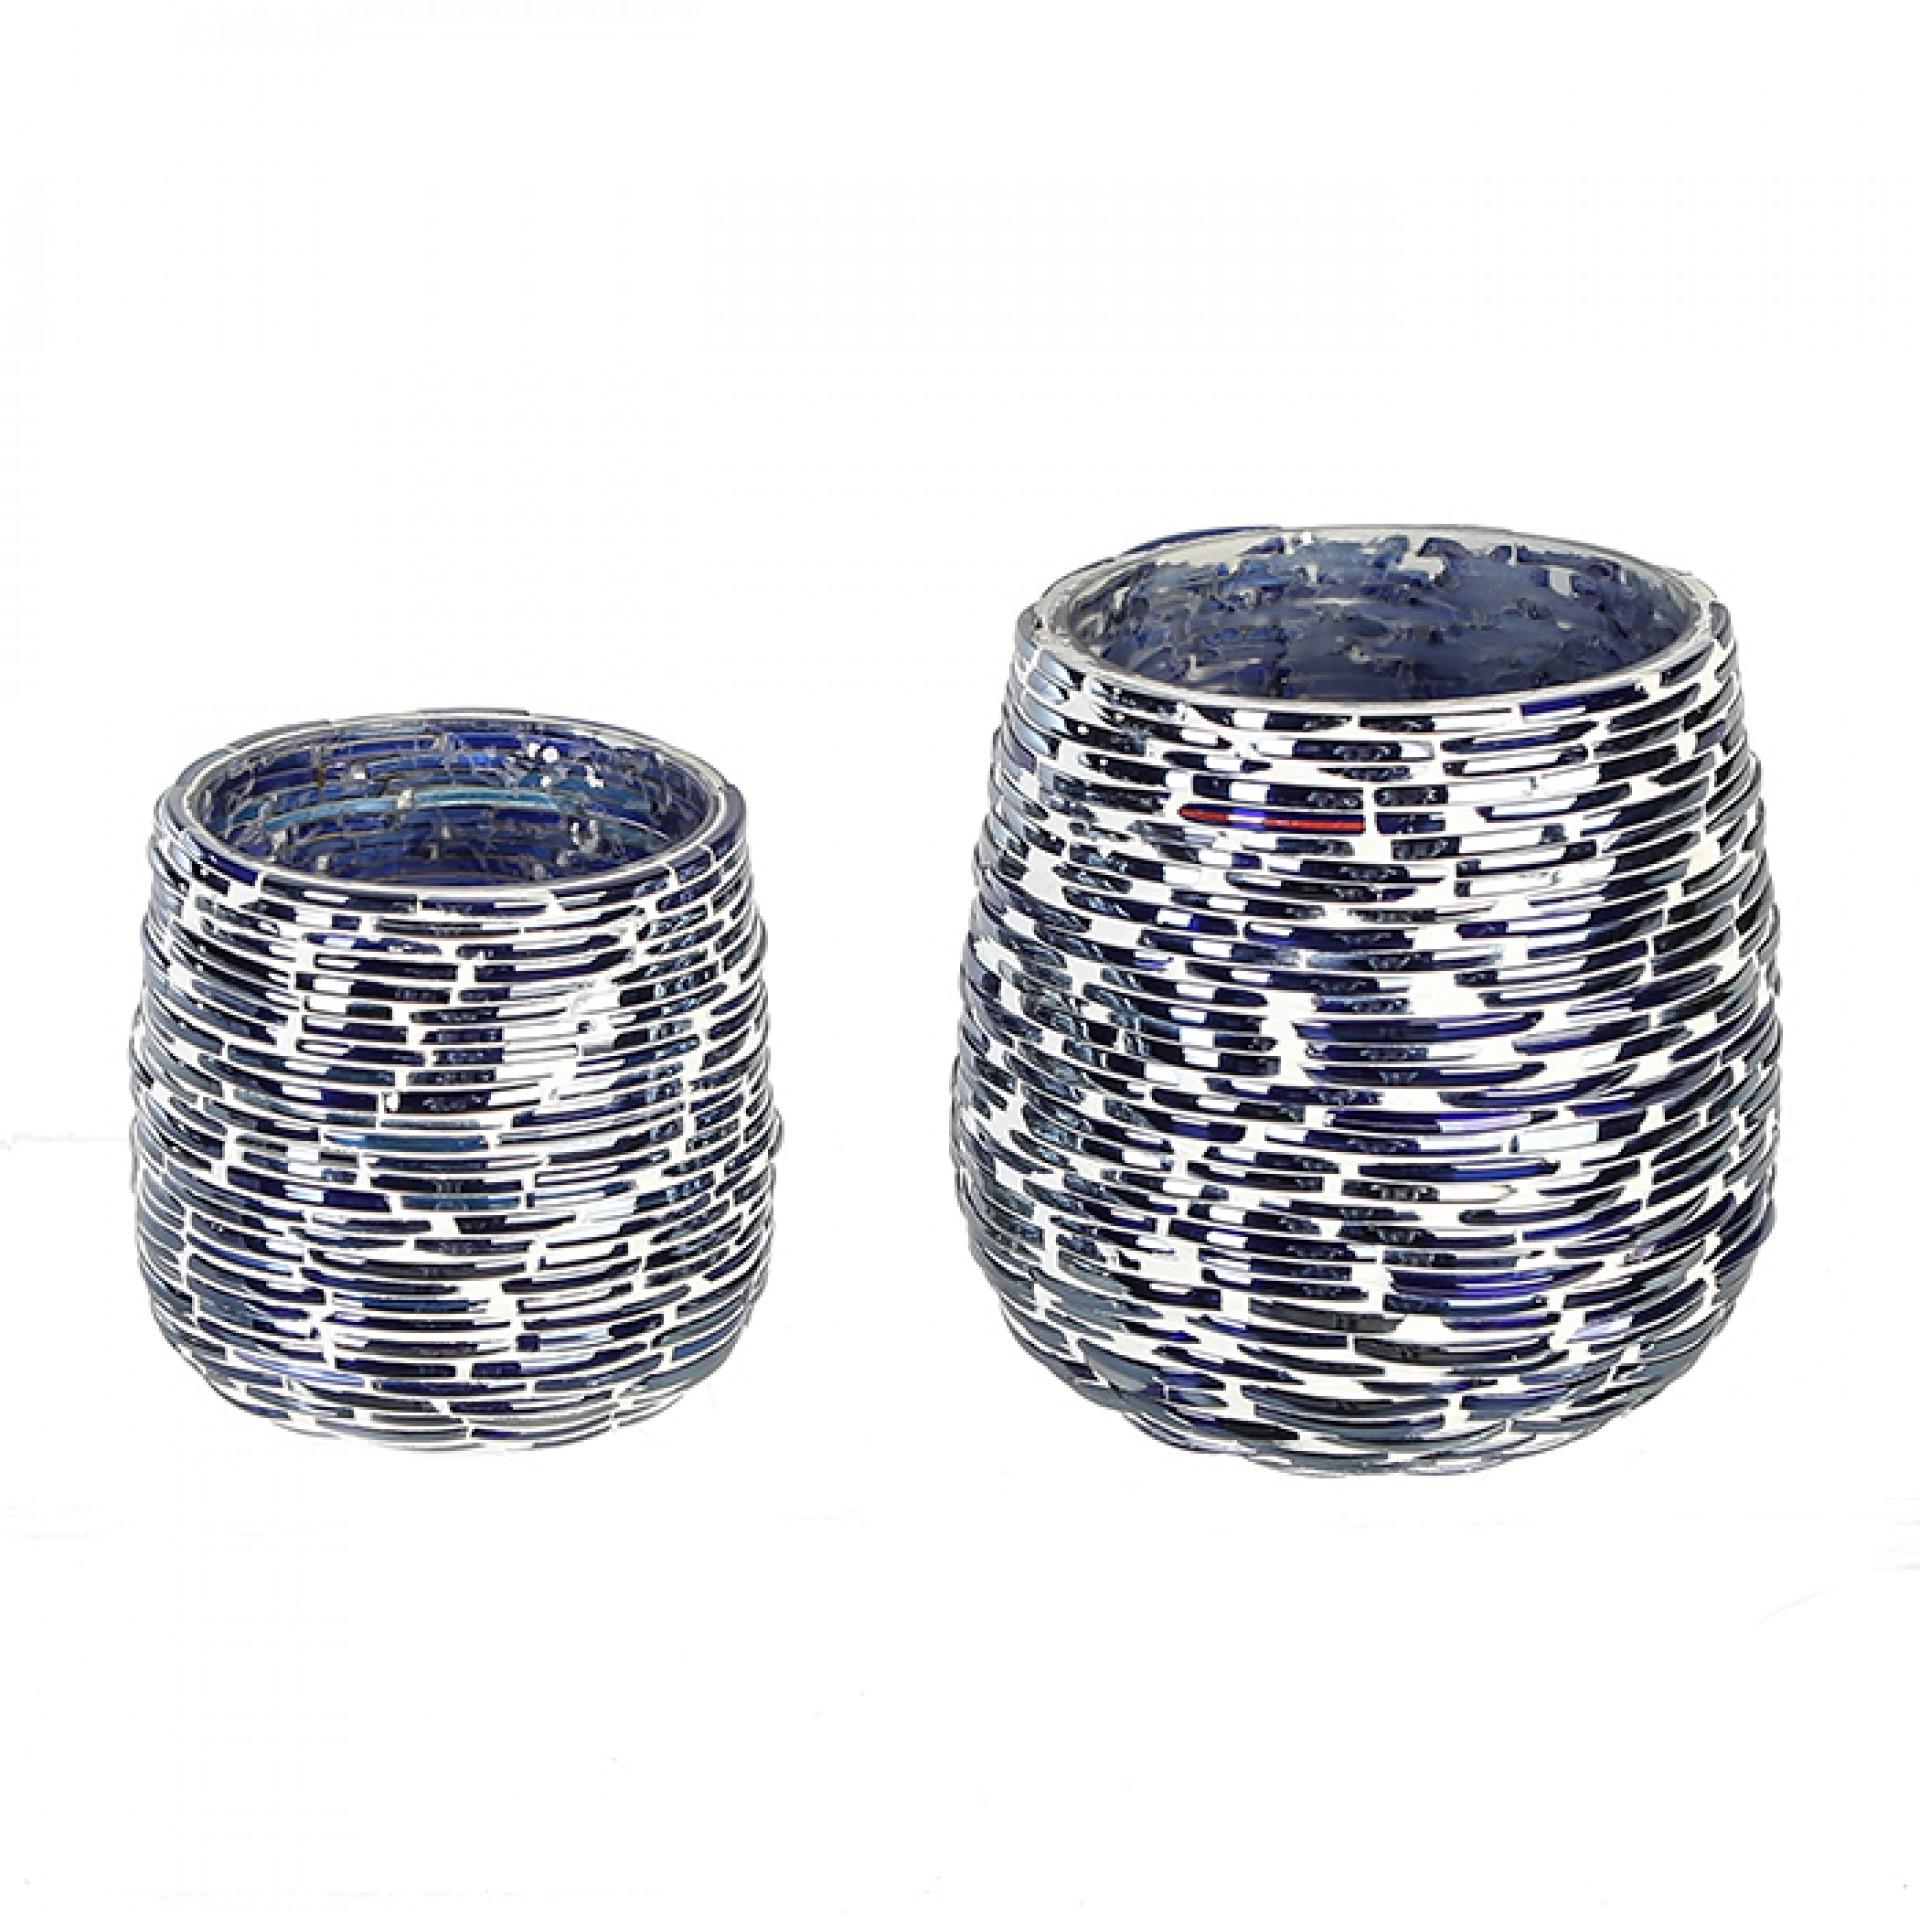 Čajový svícen skleněný Stroke, 10 cm, modrá